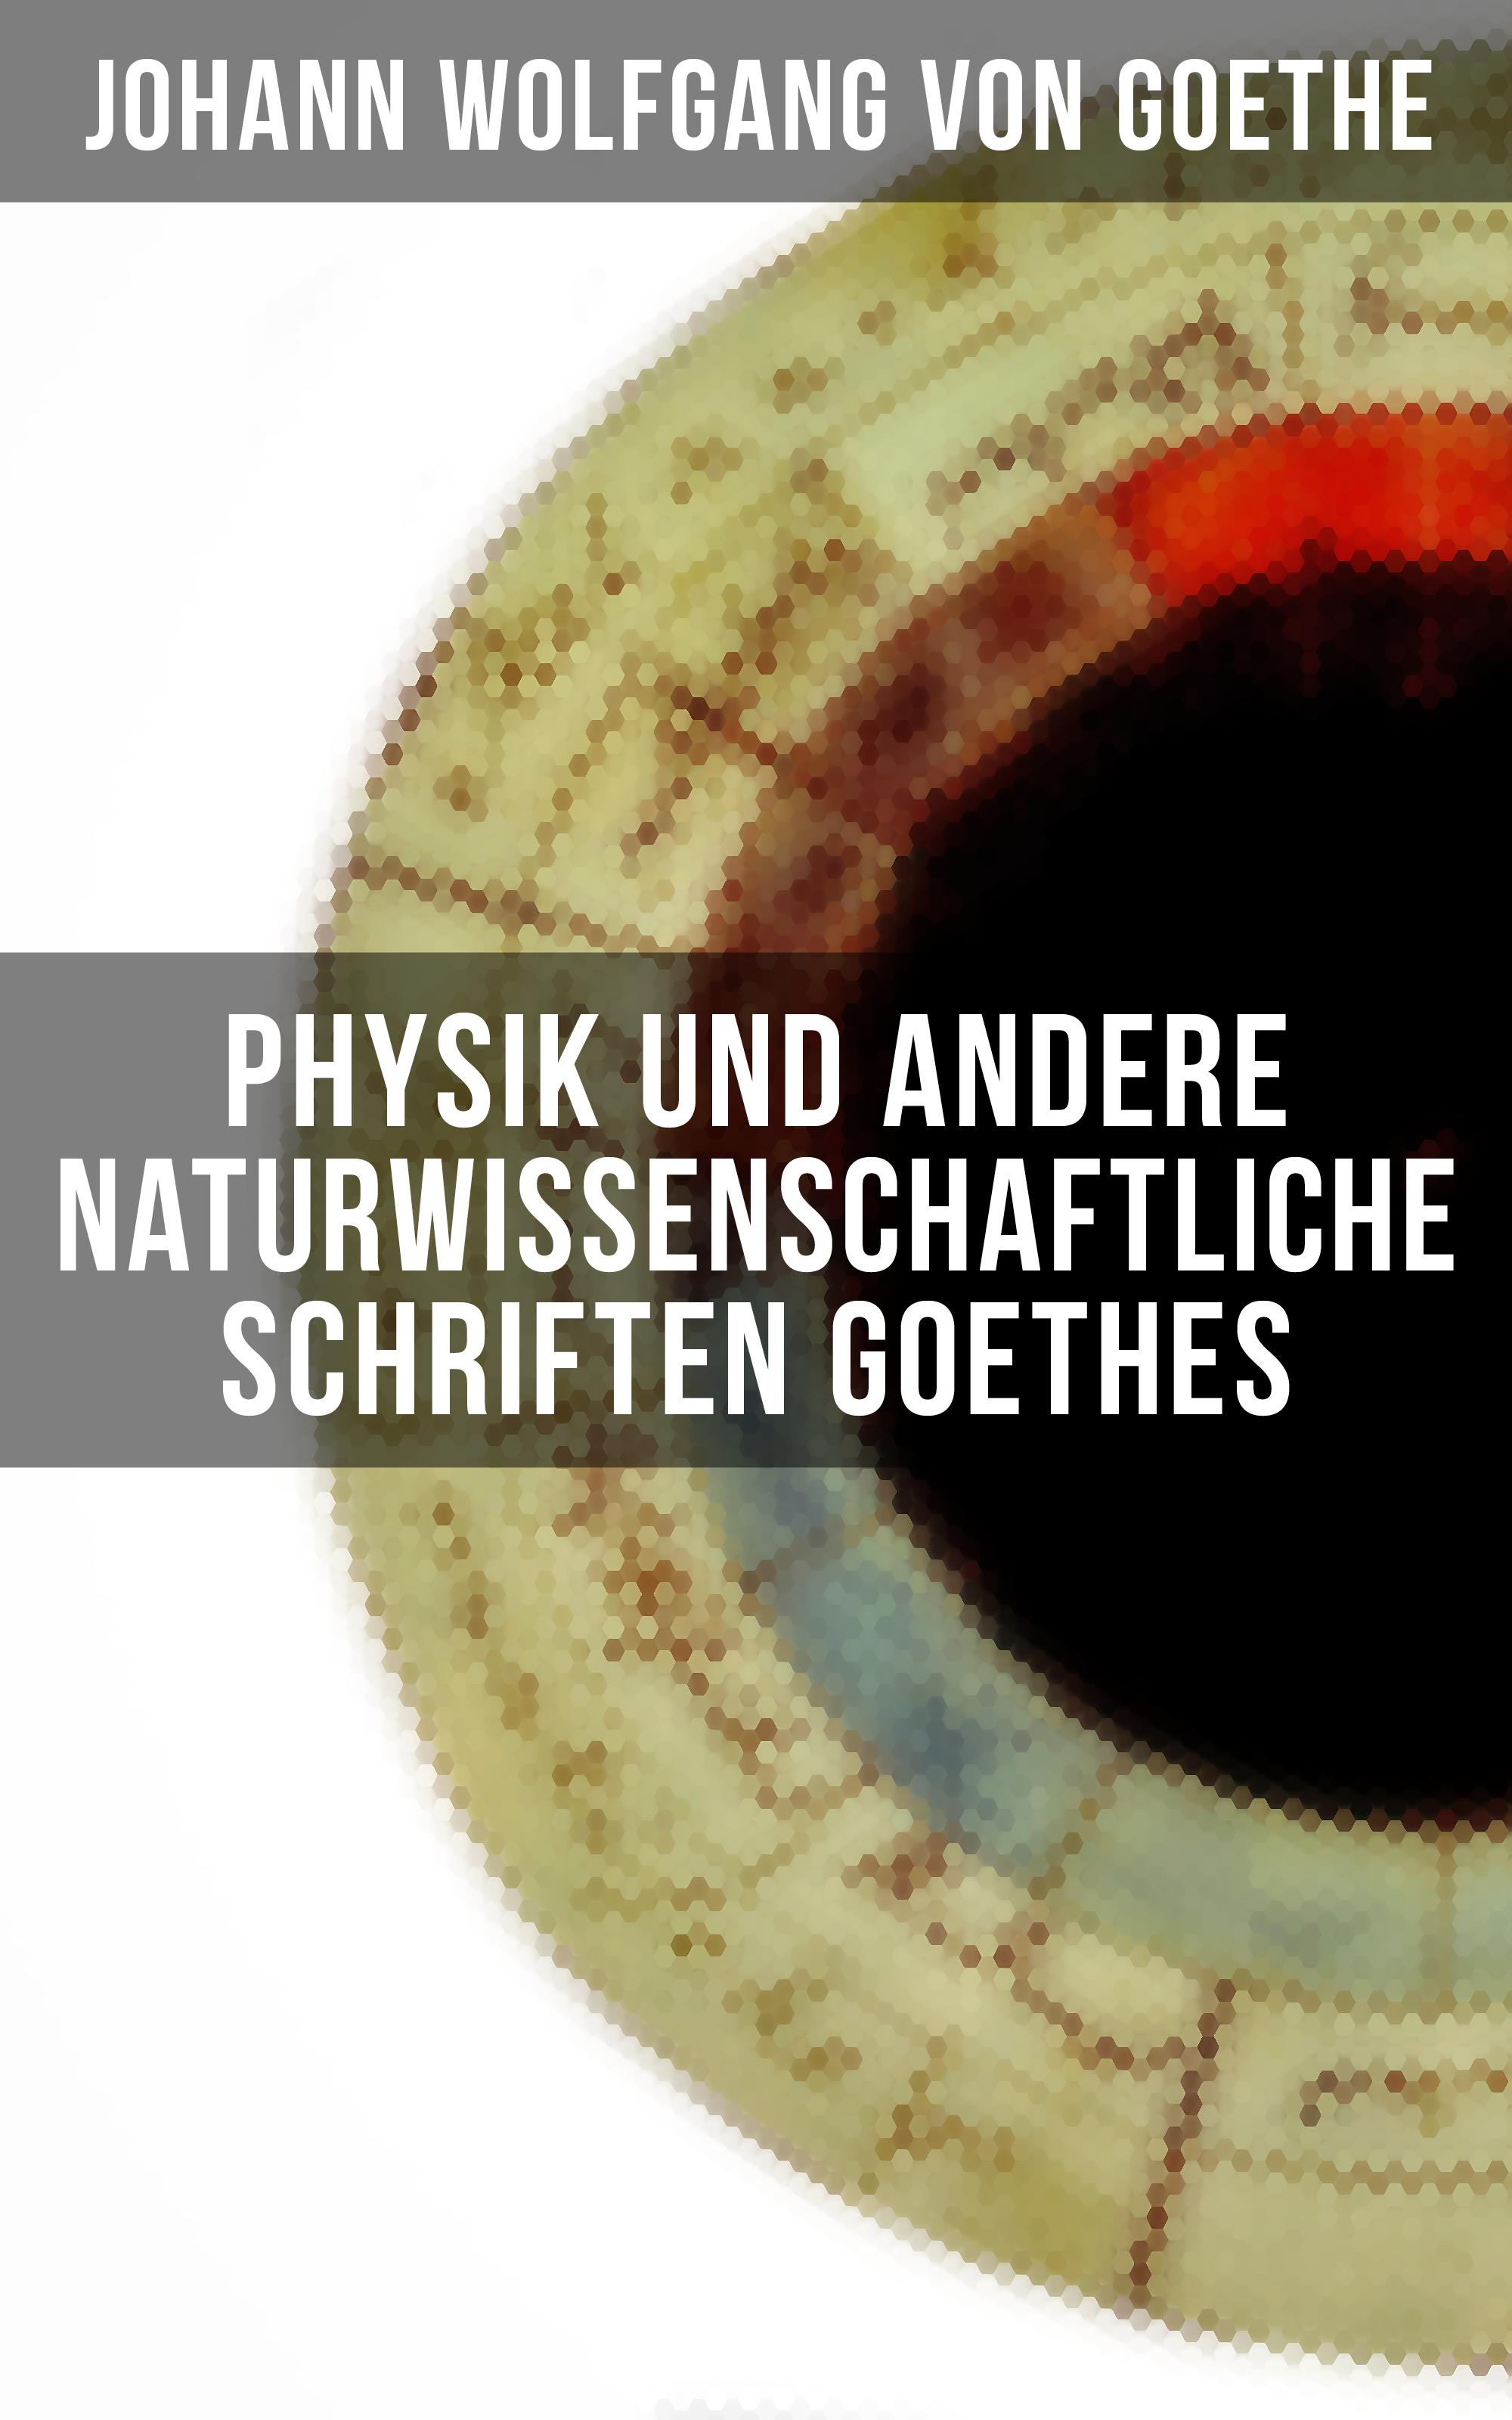 Johann Wolfgang von Goethe Physik und andere naturwissenschaftliche Schriften Goethes